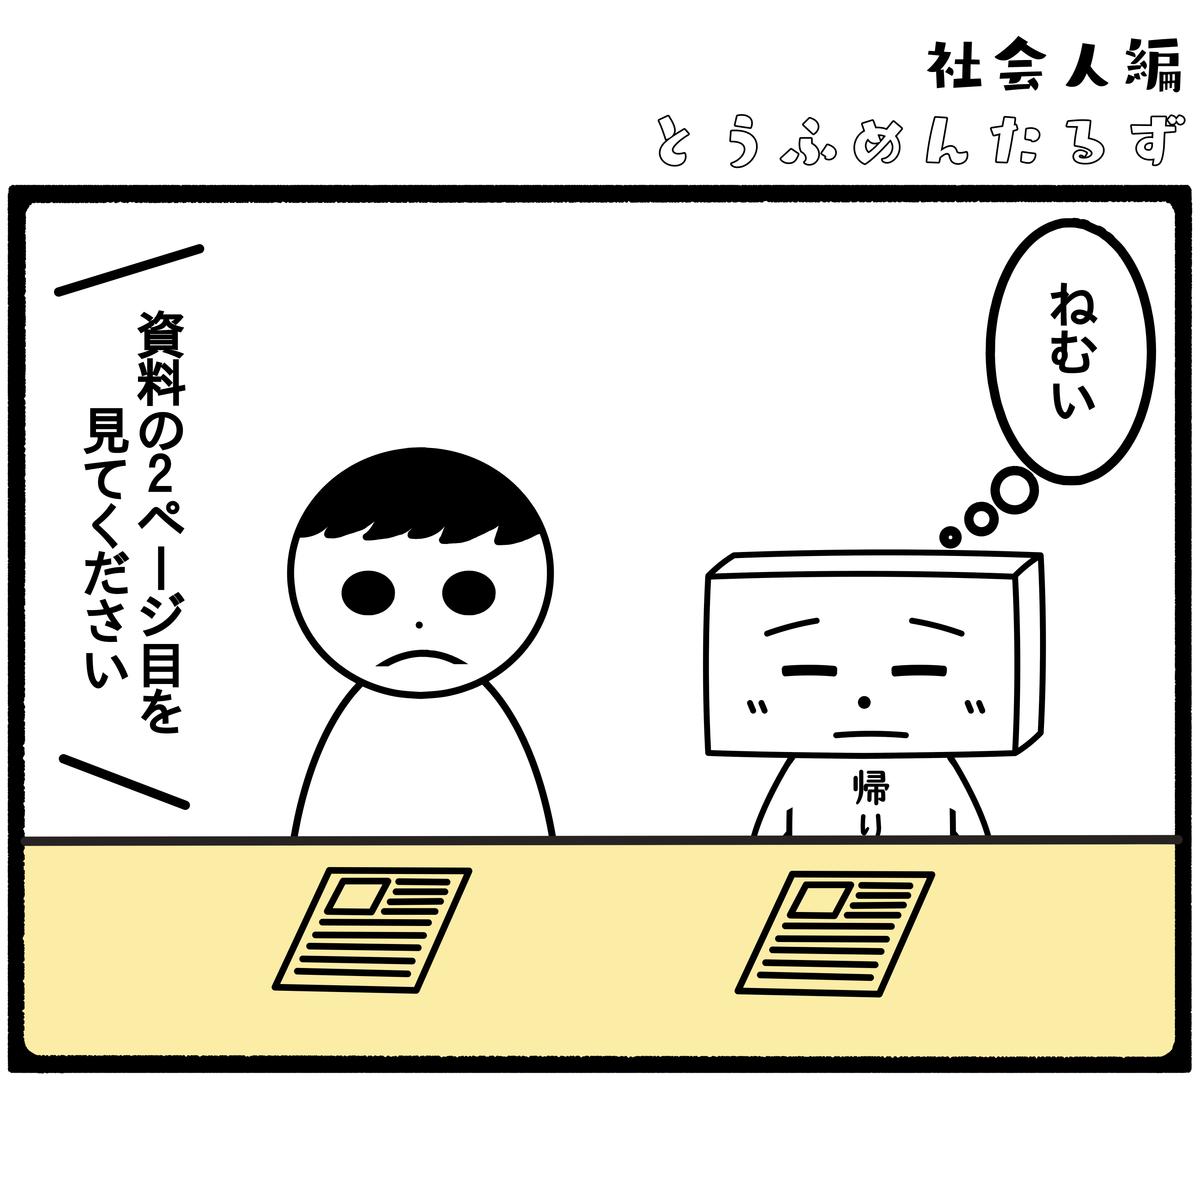 とうふめんたるず 豆腐メンタル 日常 4コマ漫画 サラリーマン